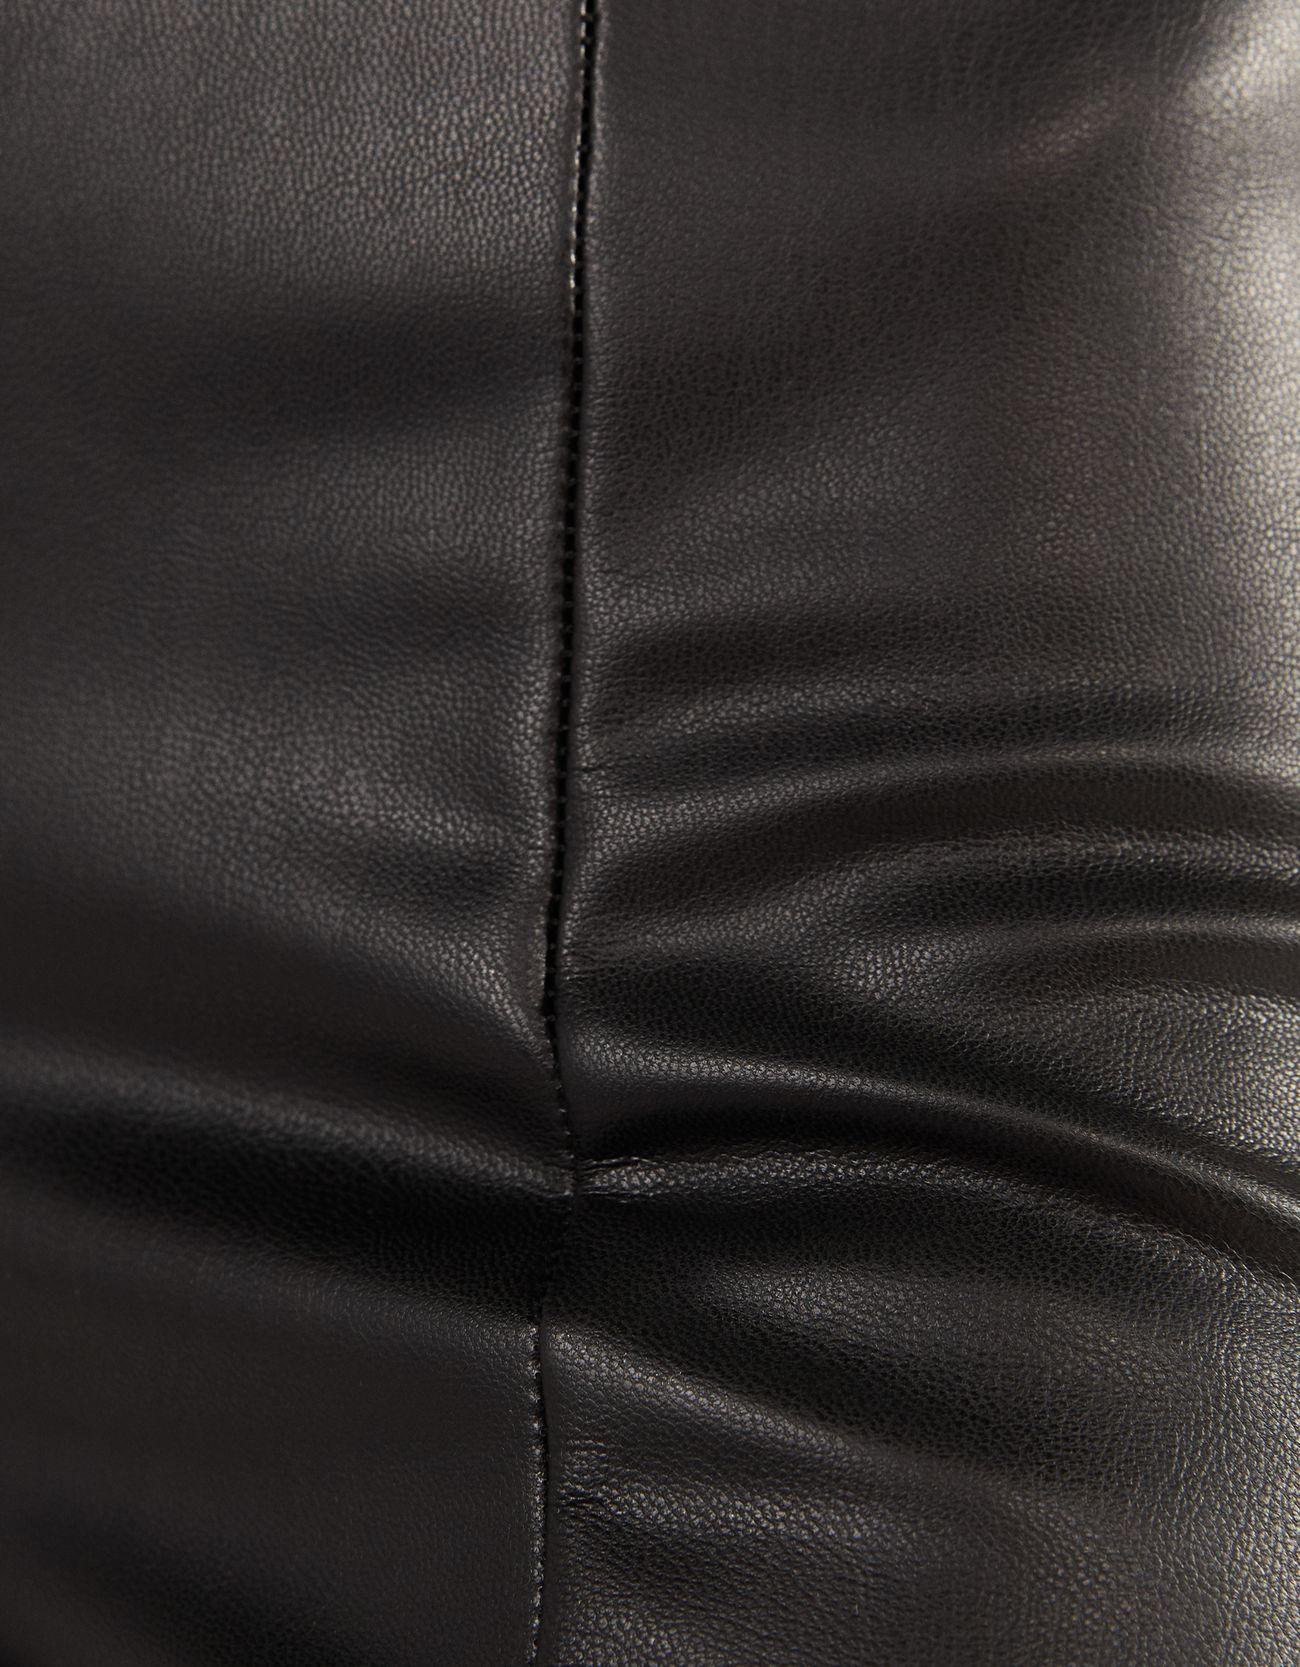 Брюки-леггинсы из искусственной кожи ЧЕРНЫЙ Bershka